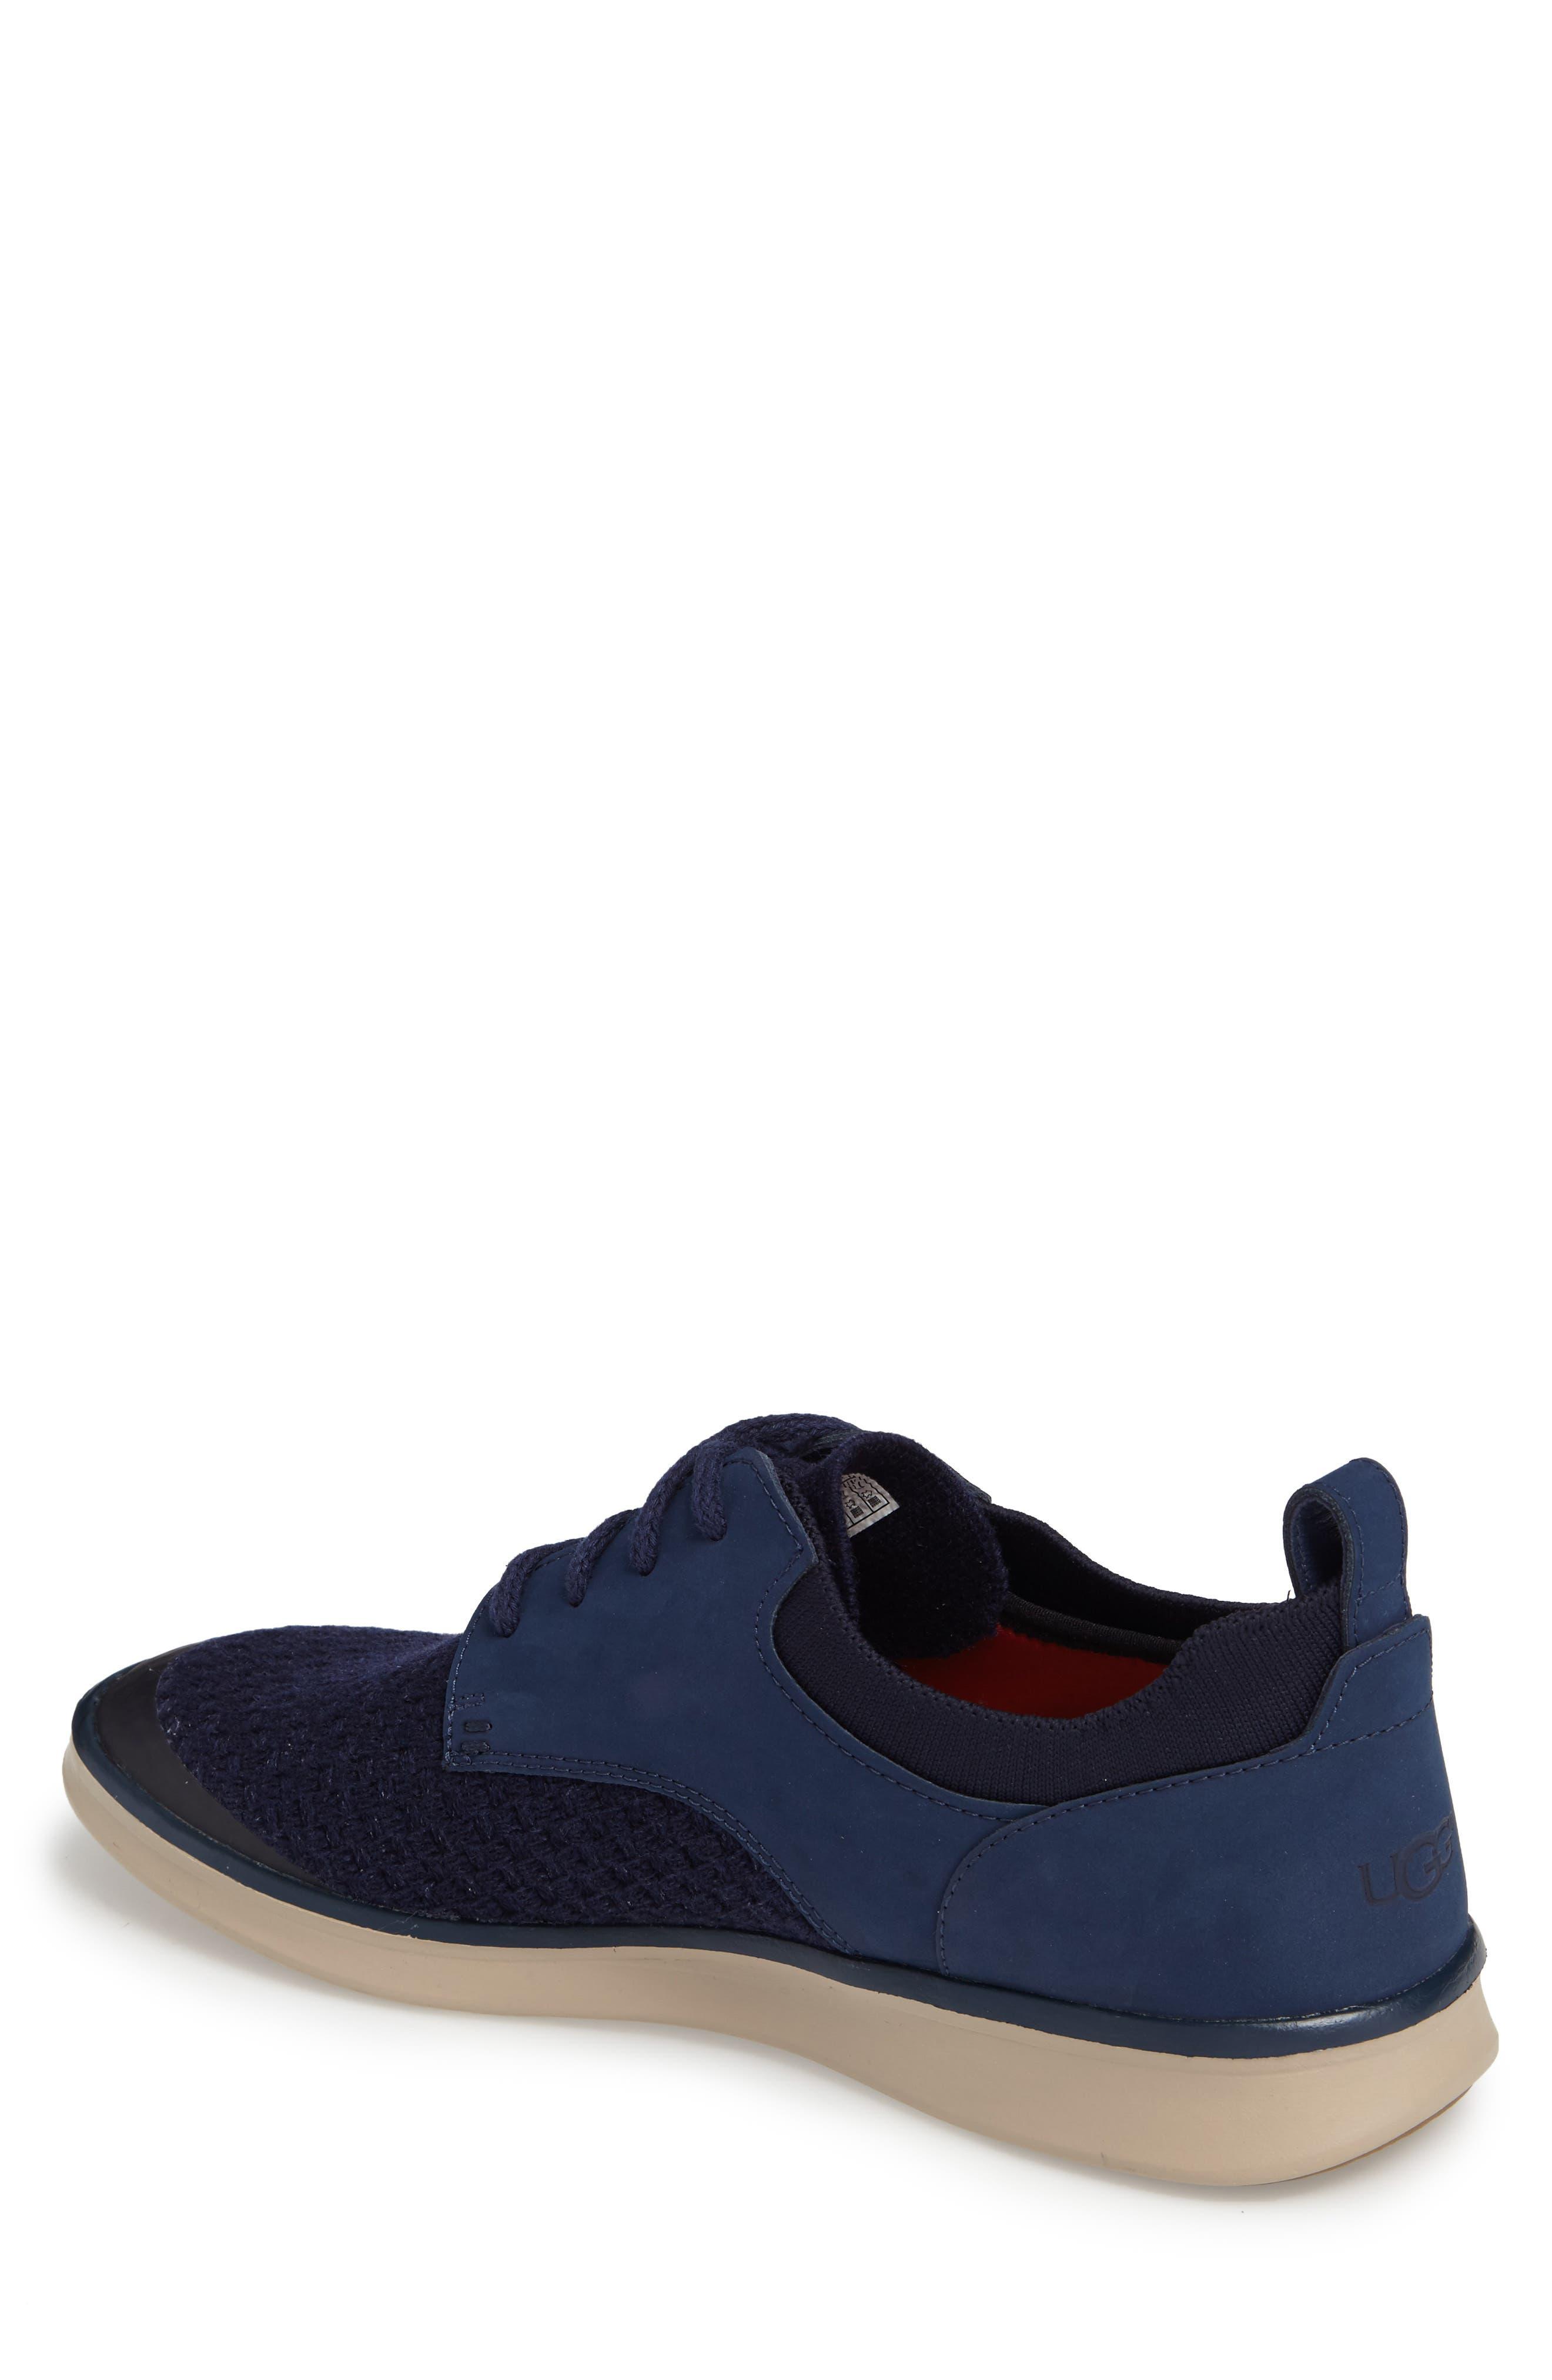 Hepner HyperWeave Sneaker,                             Alternate thumbnail 6, color,